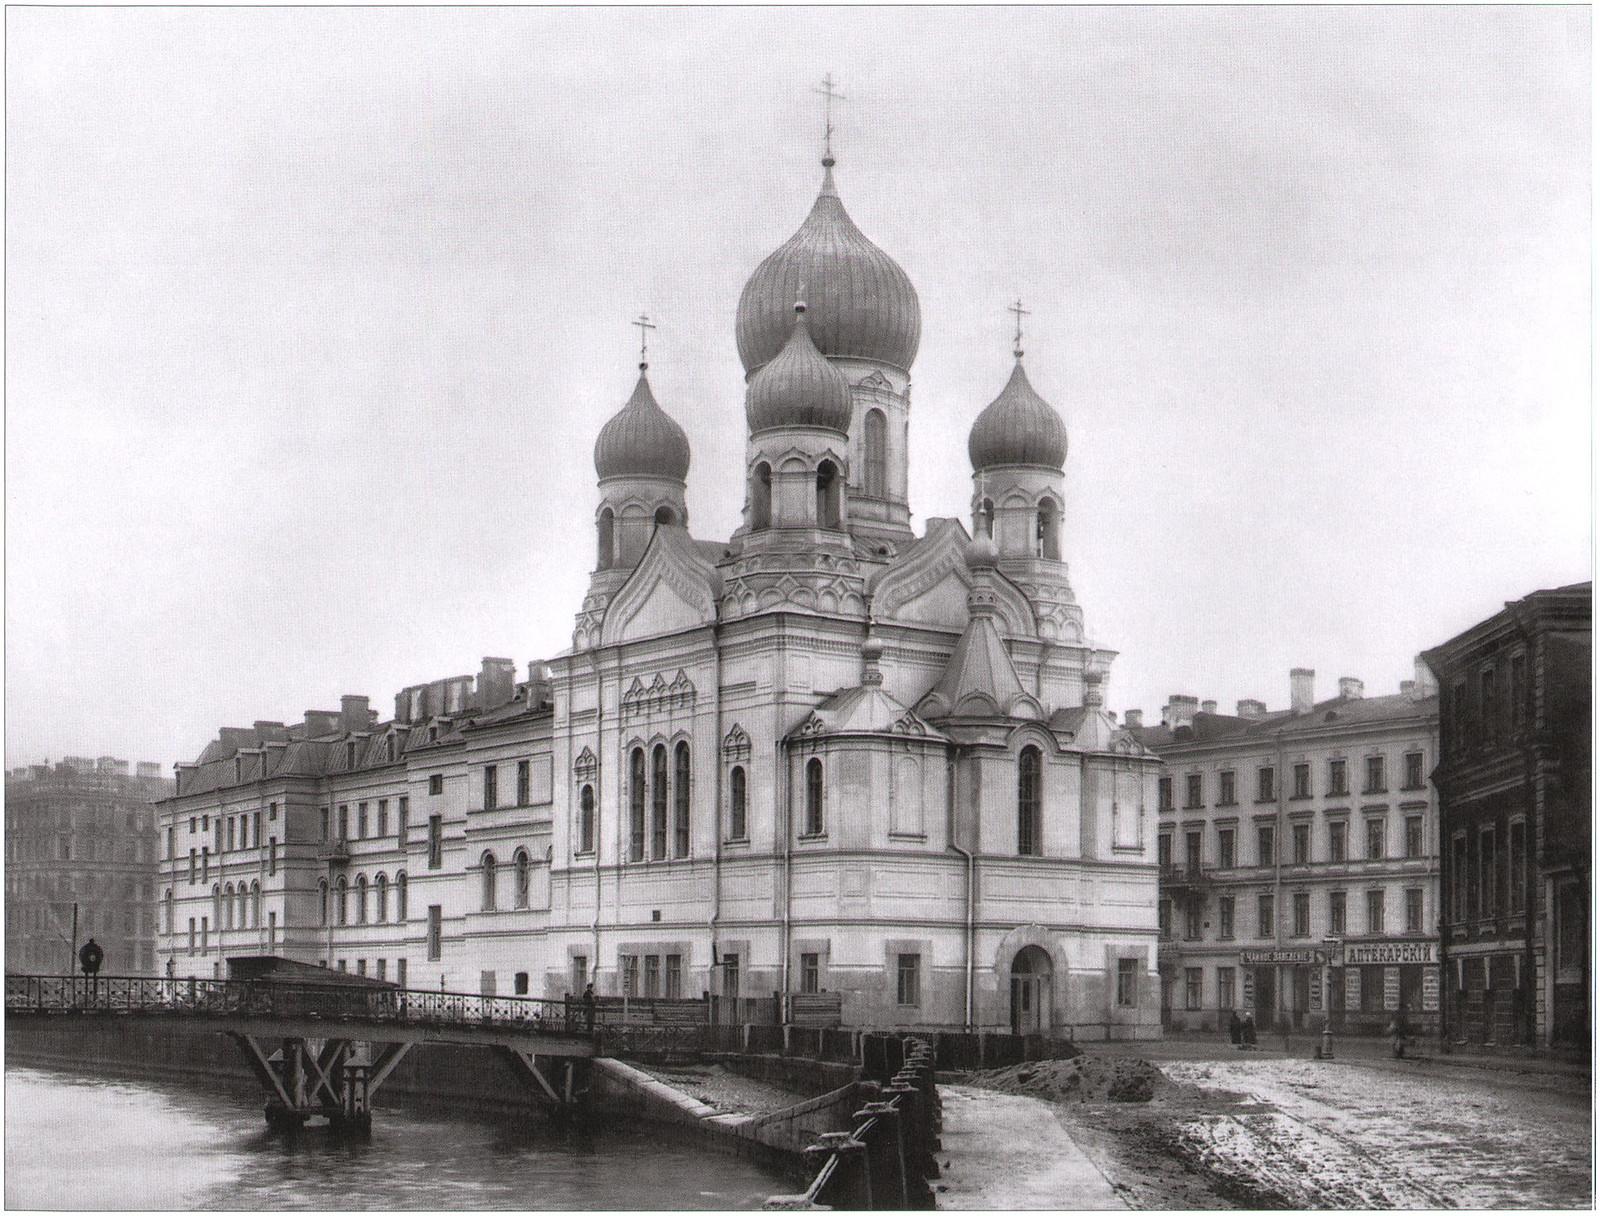 Исидоровская церковь Эстонского православного братства и Могилёвский мост